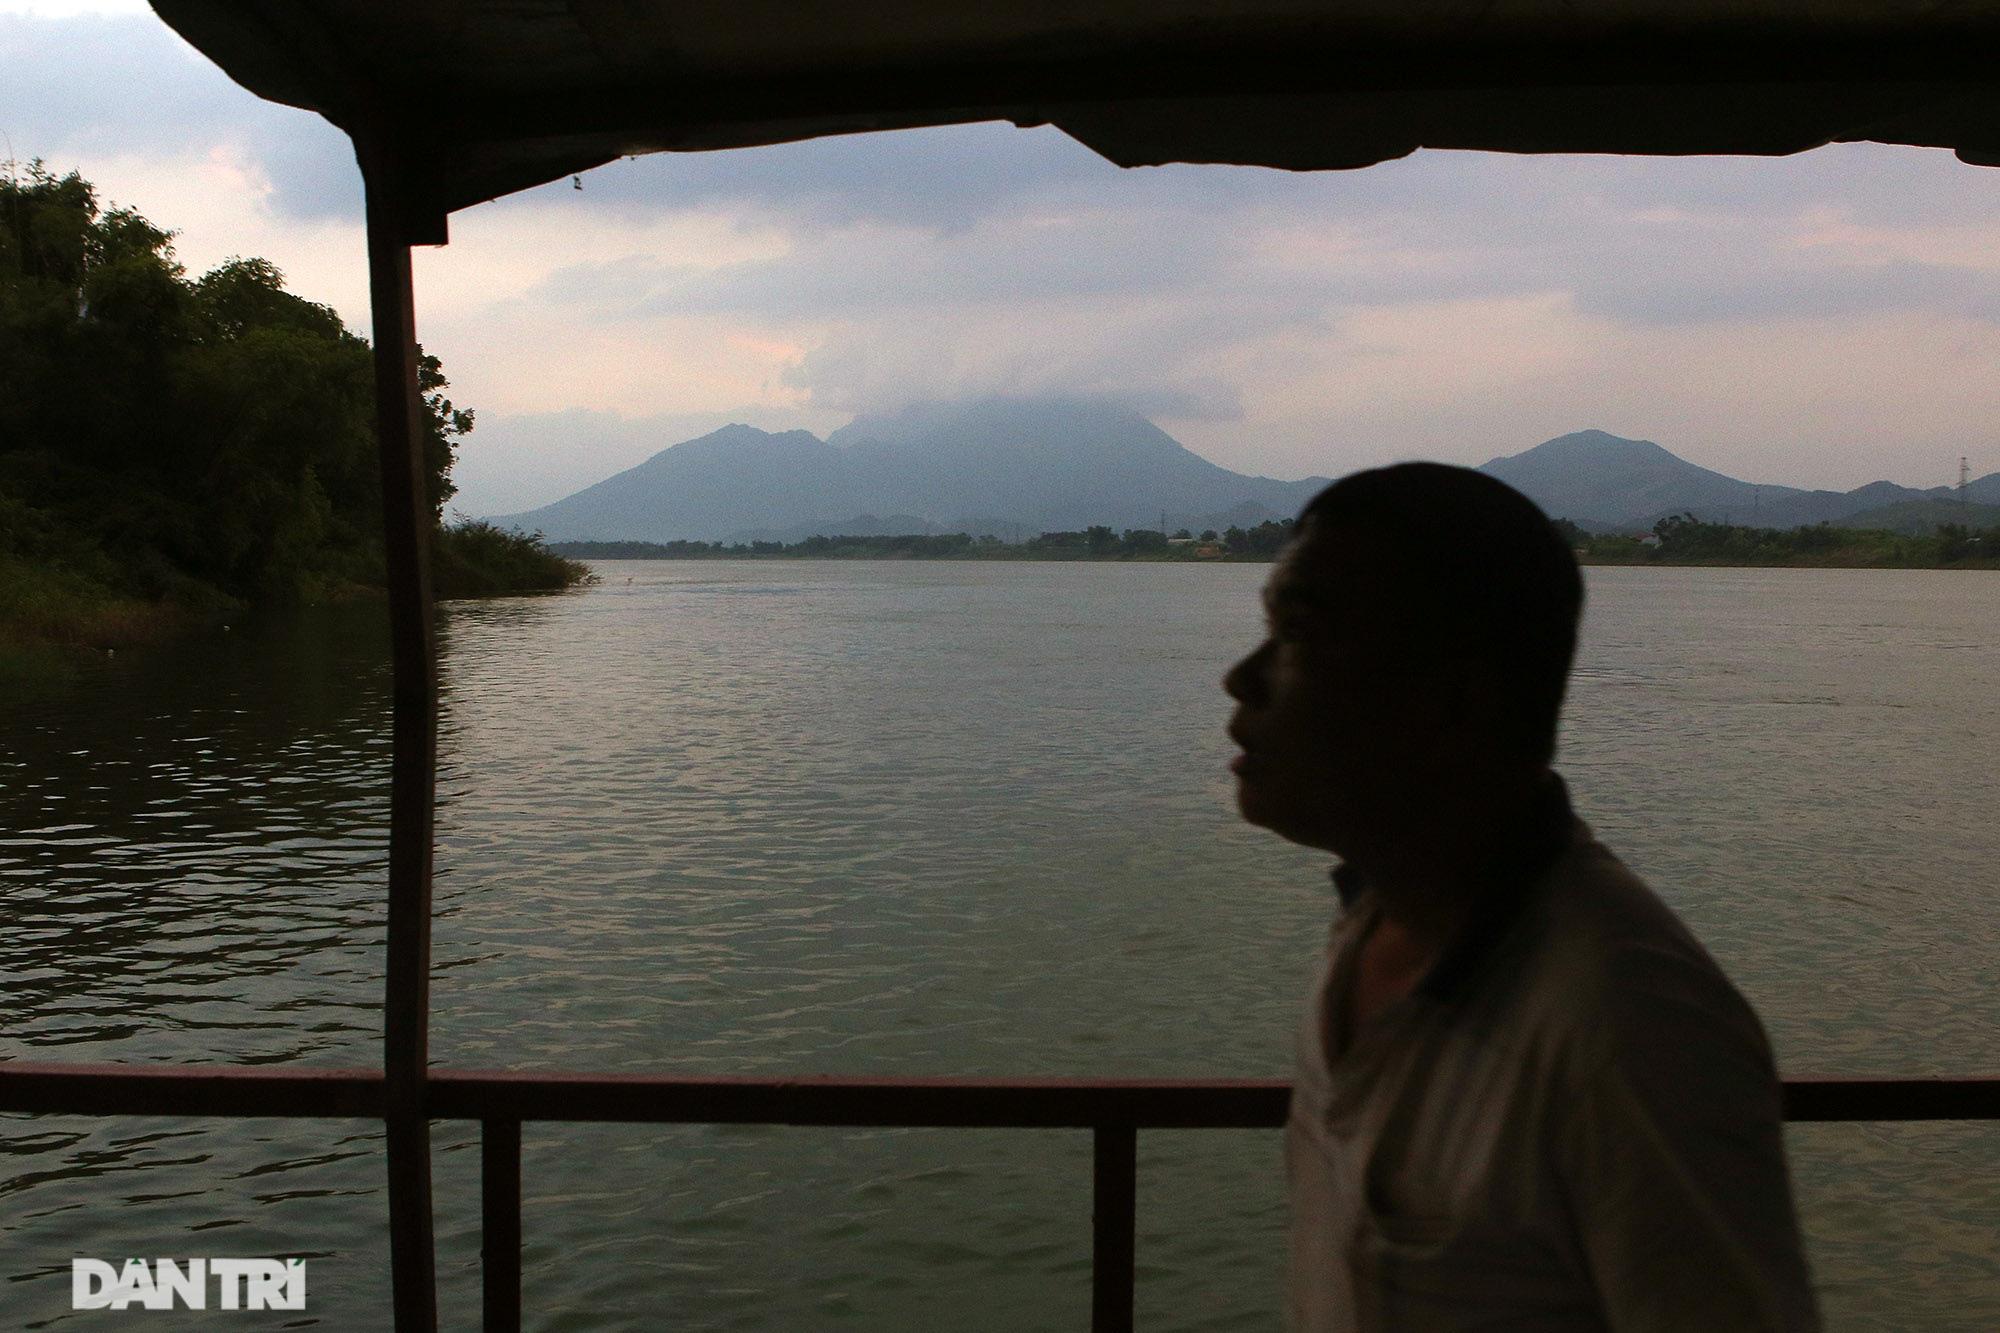 Núi thiêng gần Hà Nội đẹp mê mải nhìn từ muôn phương tám hướng - Ảnh 12.